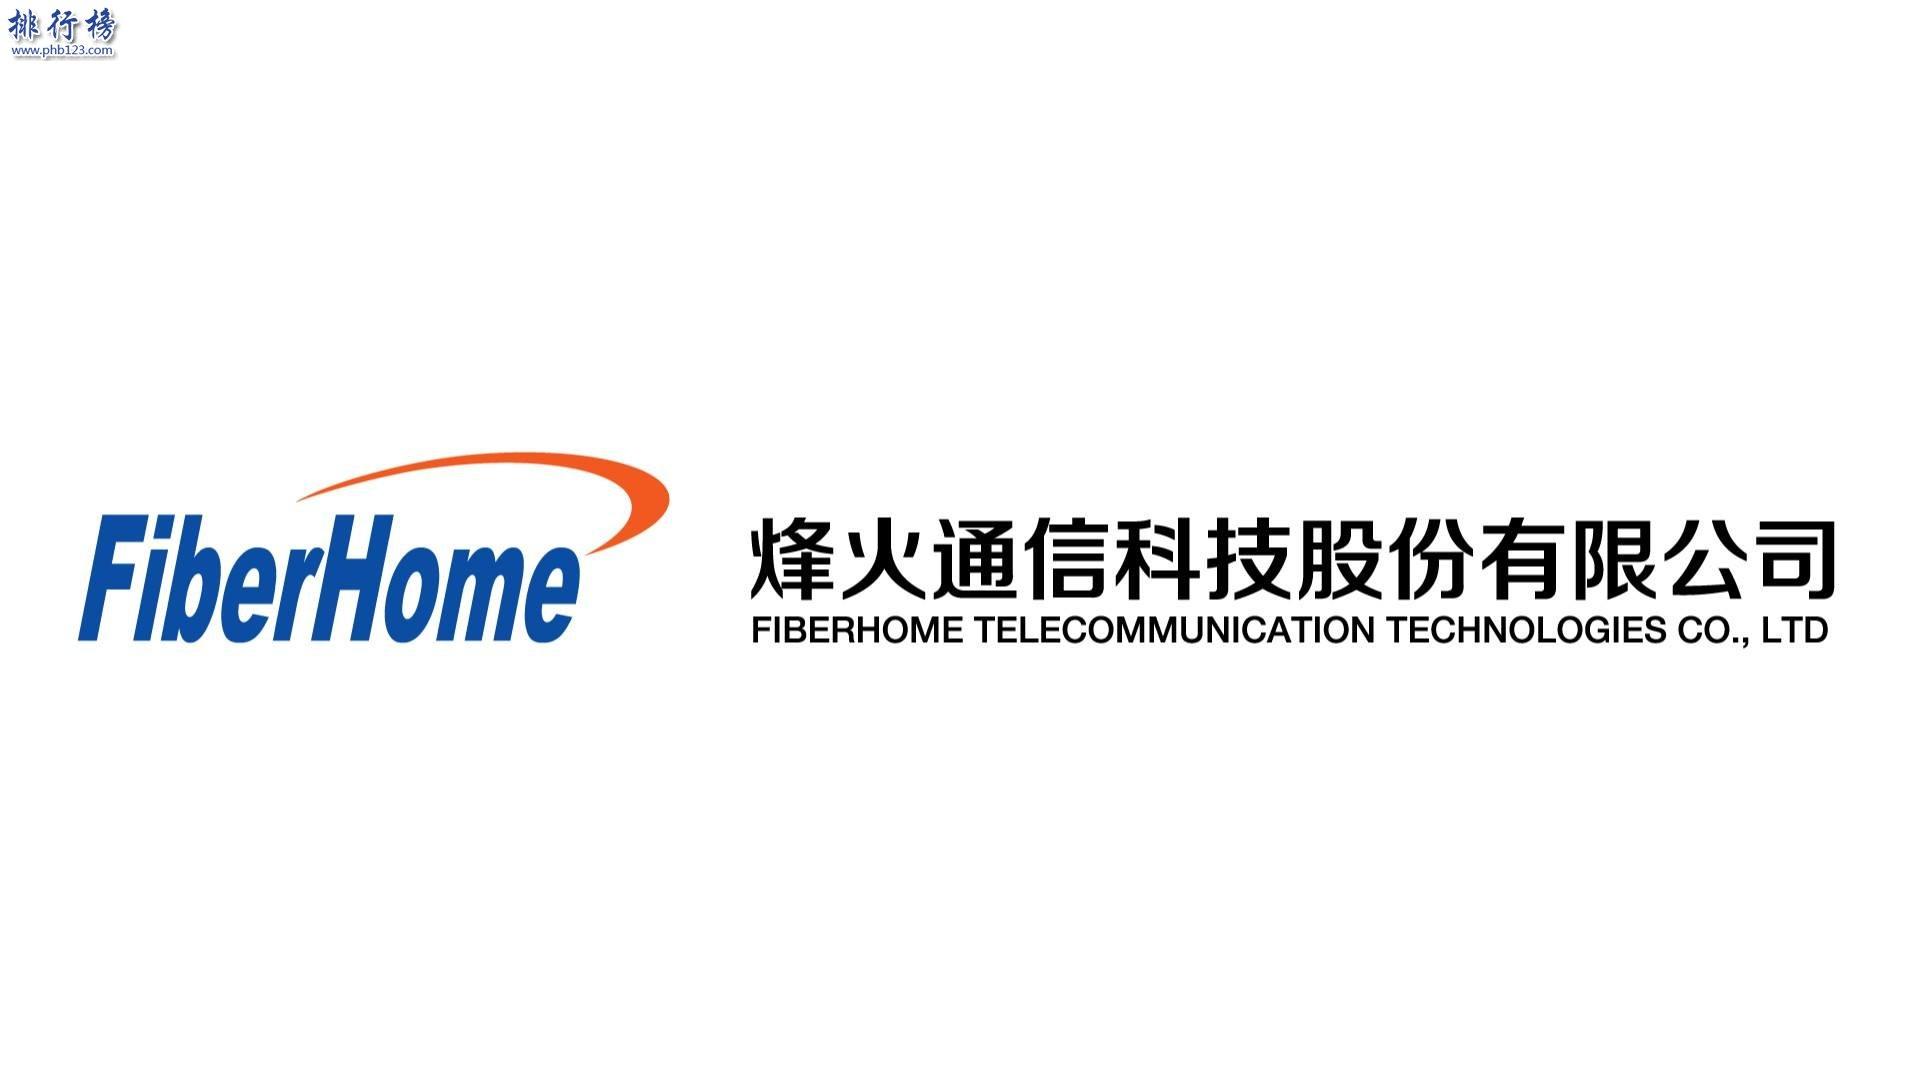 2017中国十大光纤光缆企业排名:烽火通信排名第三